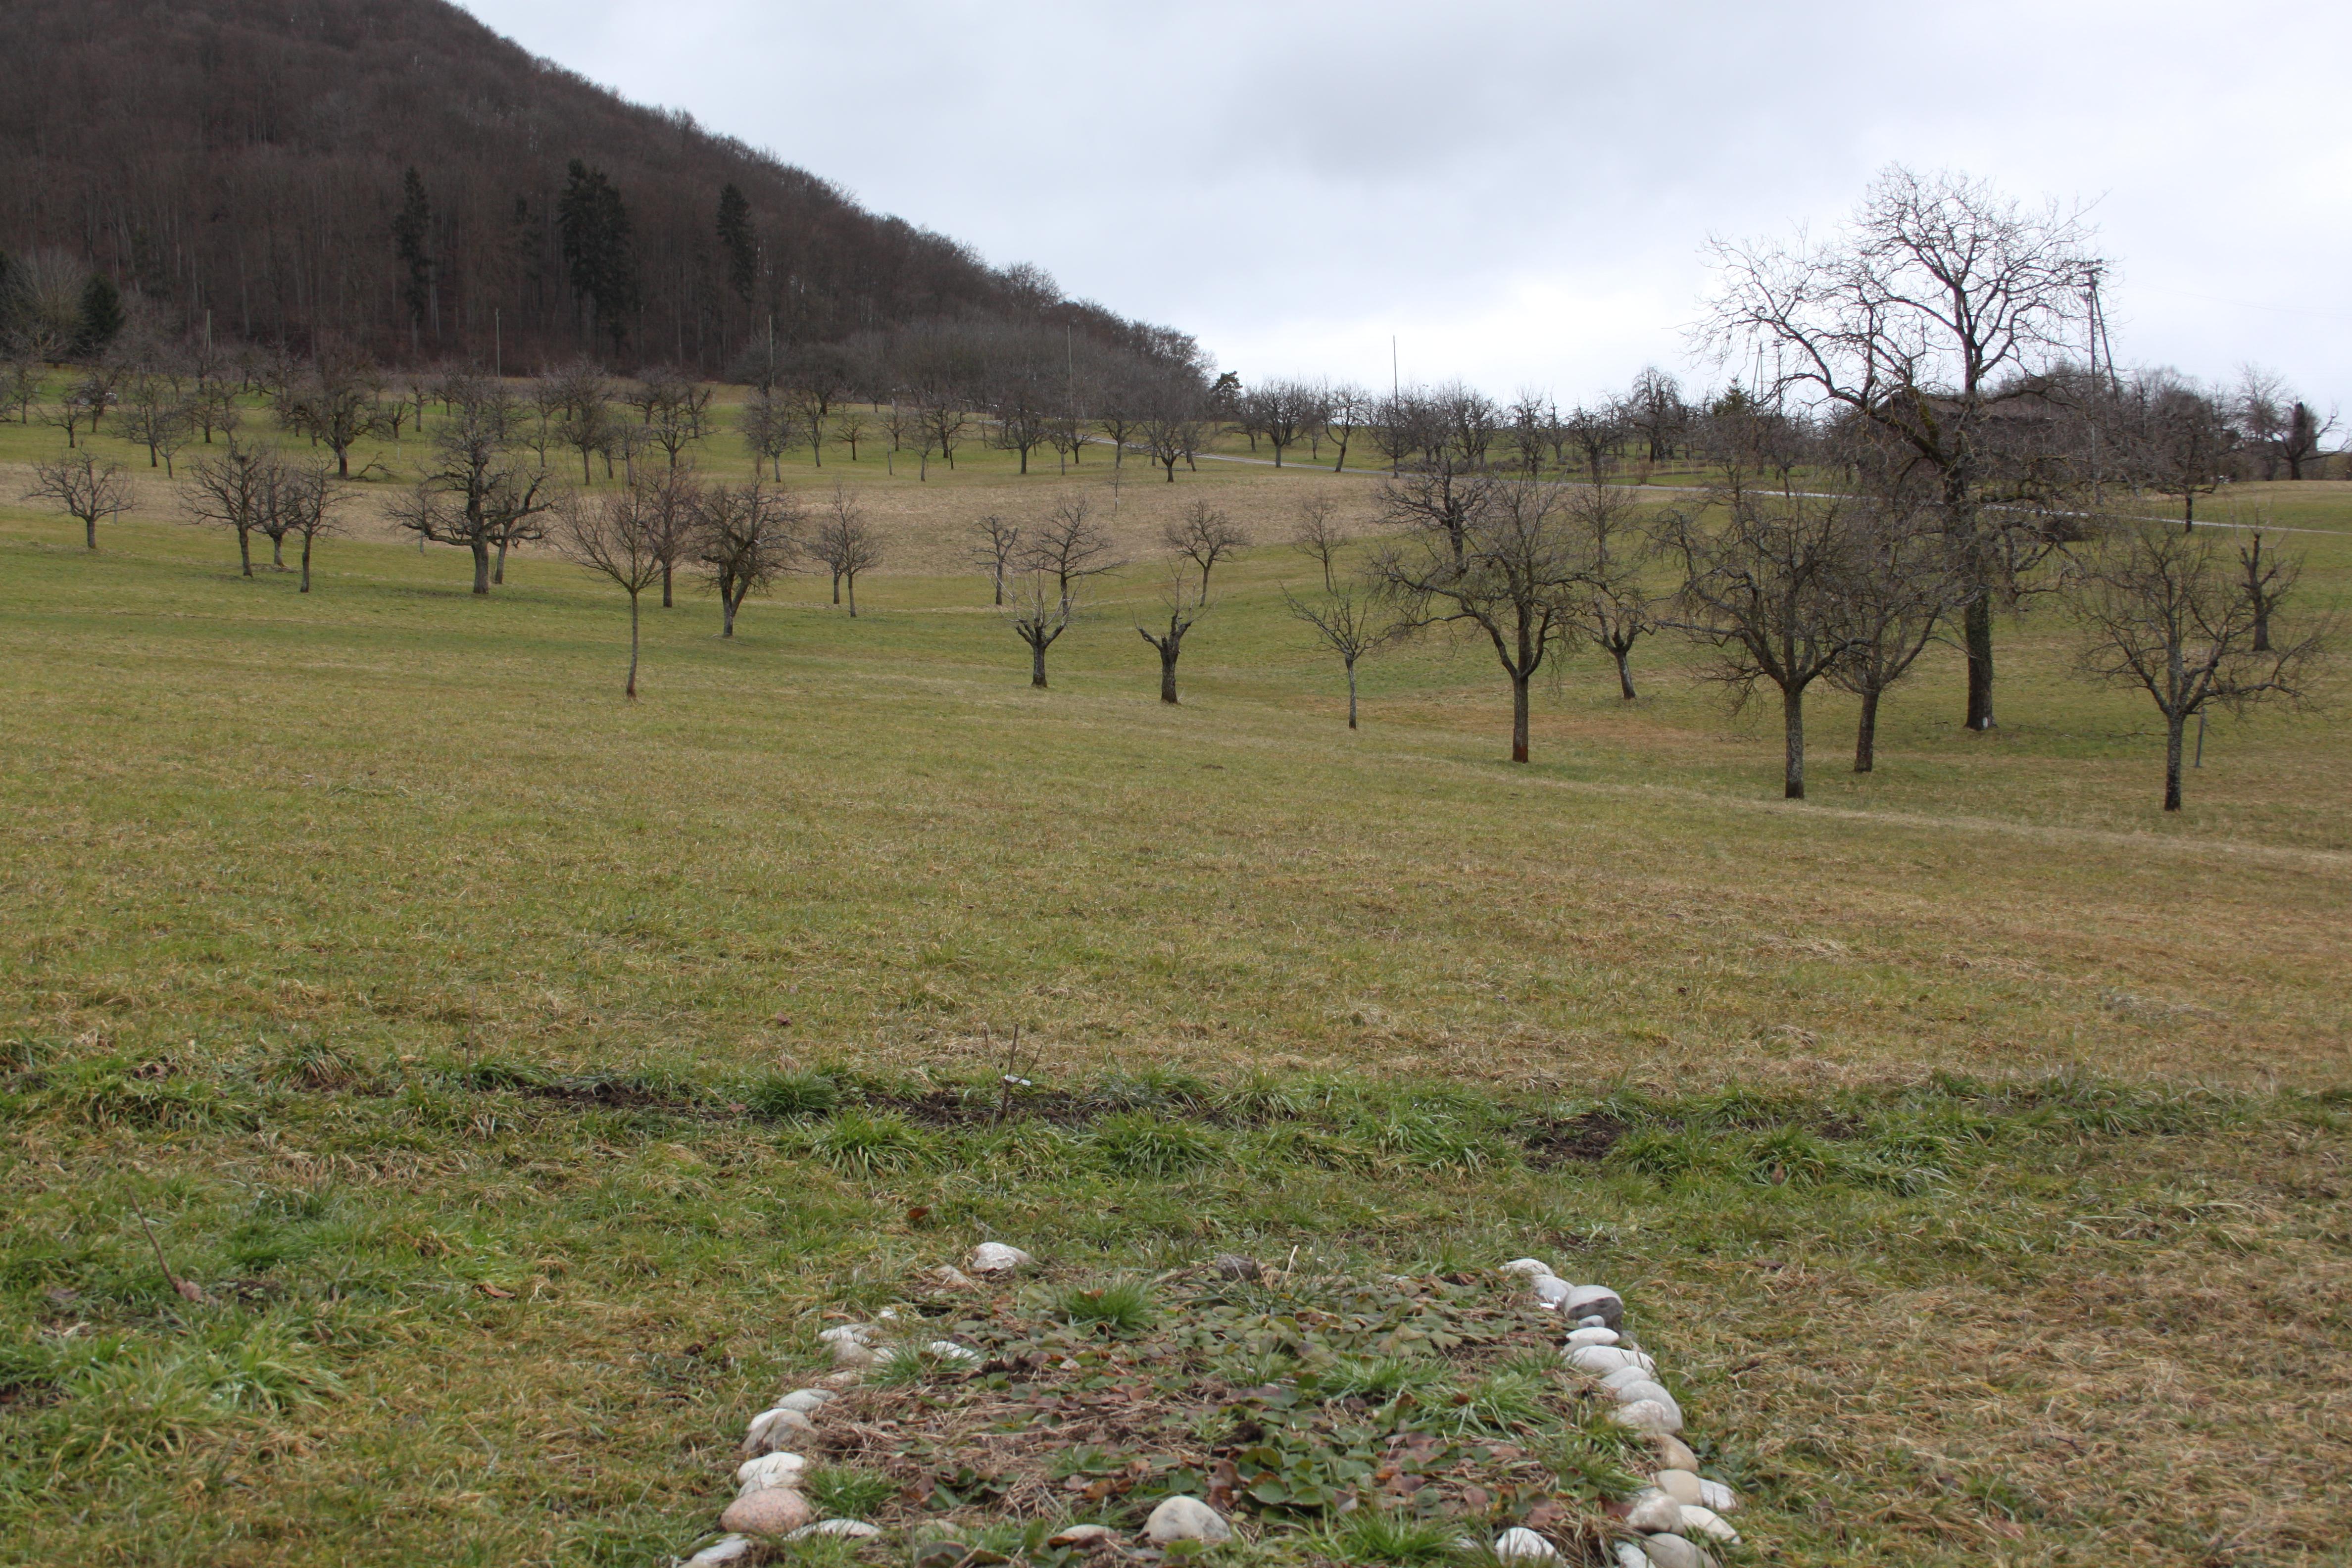 Eine derObstwiesen des Vereins Nuglar-Gärtenim Februar.Viel zu sehen gibt es dort für unkundige Augen nicht. Für Dominique Oser schon.